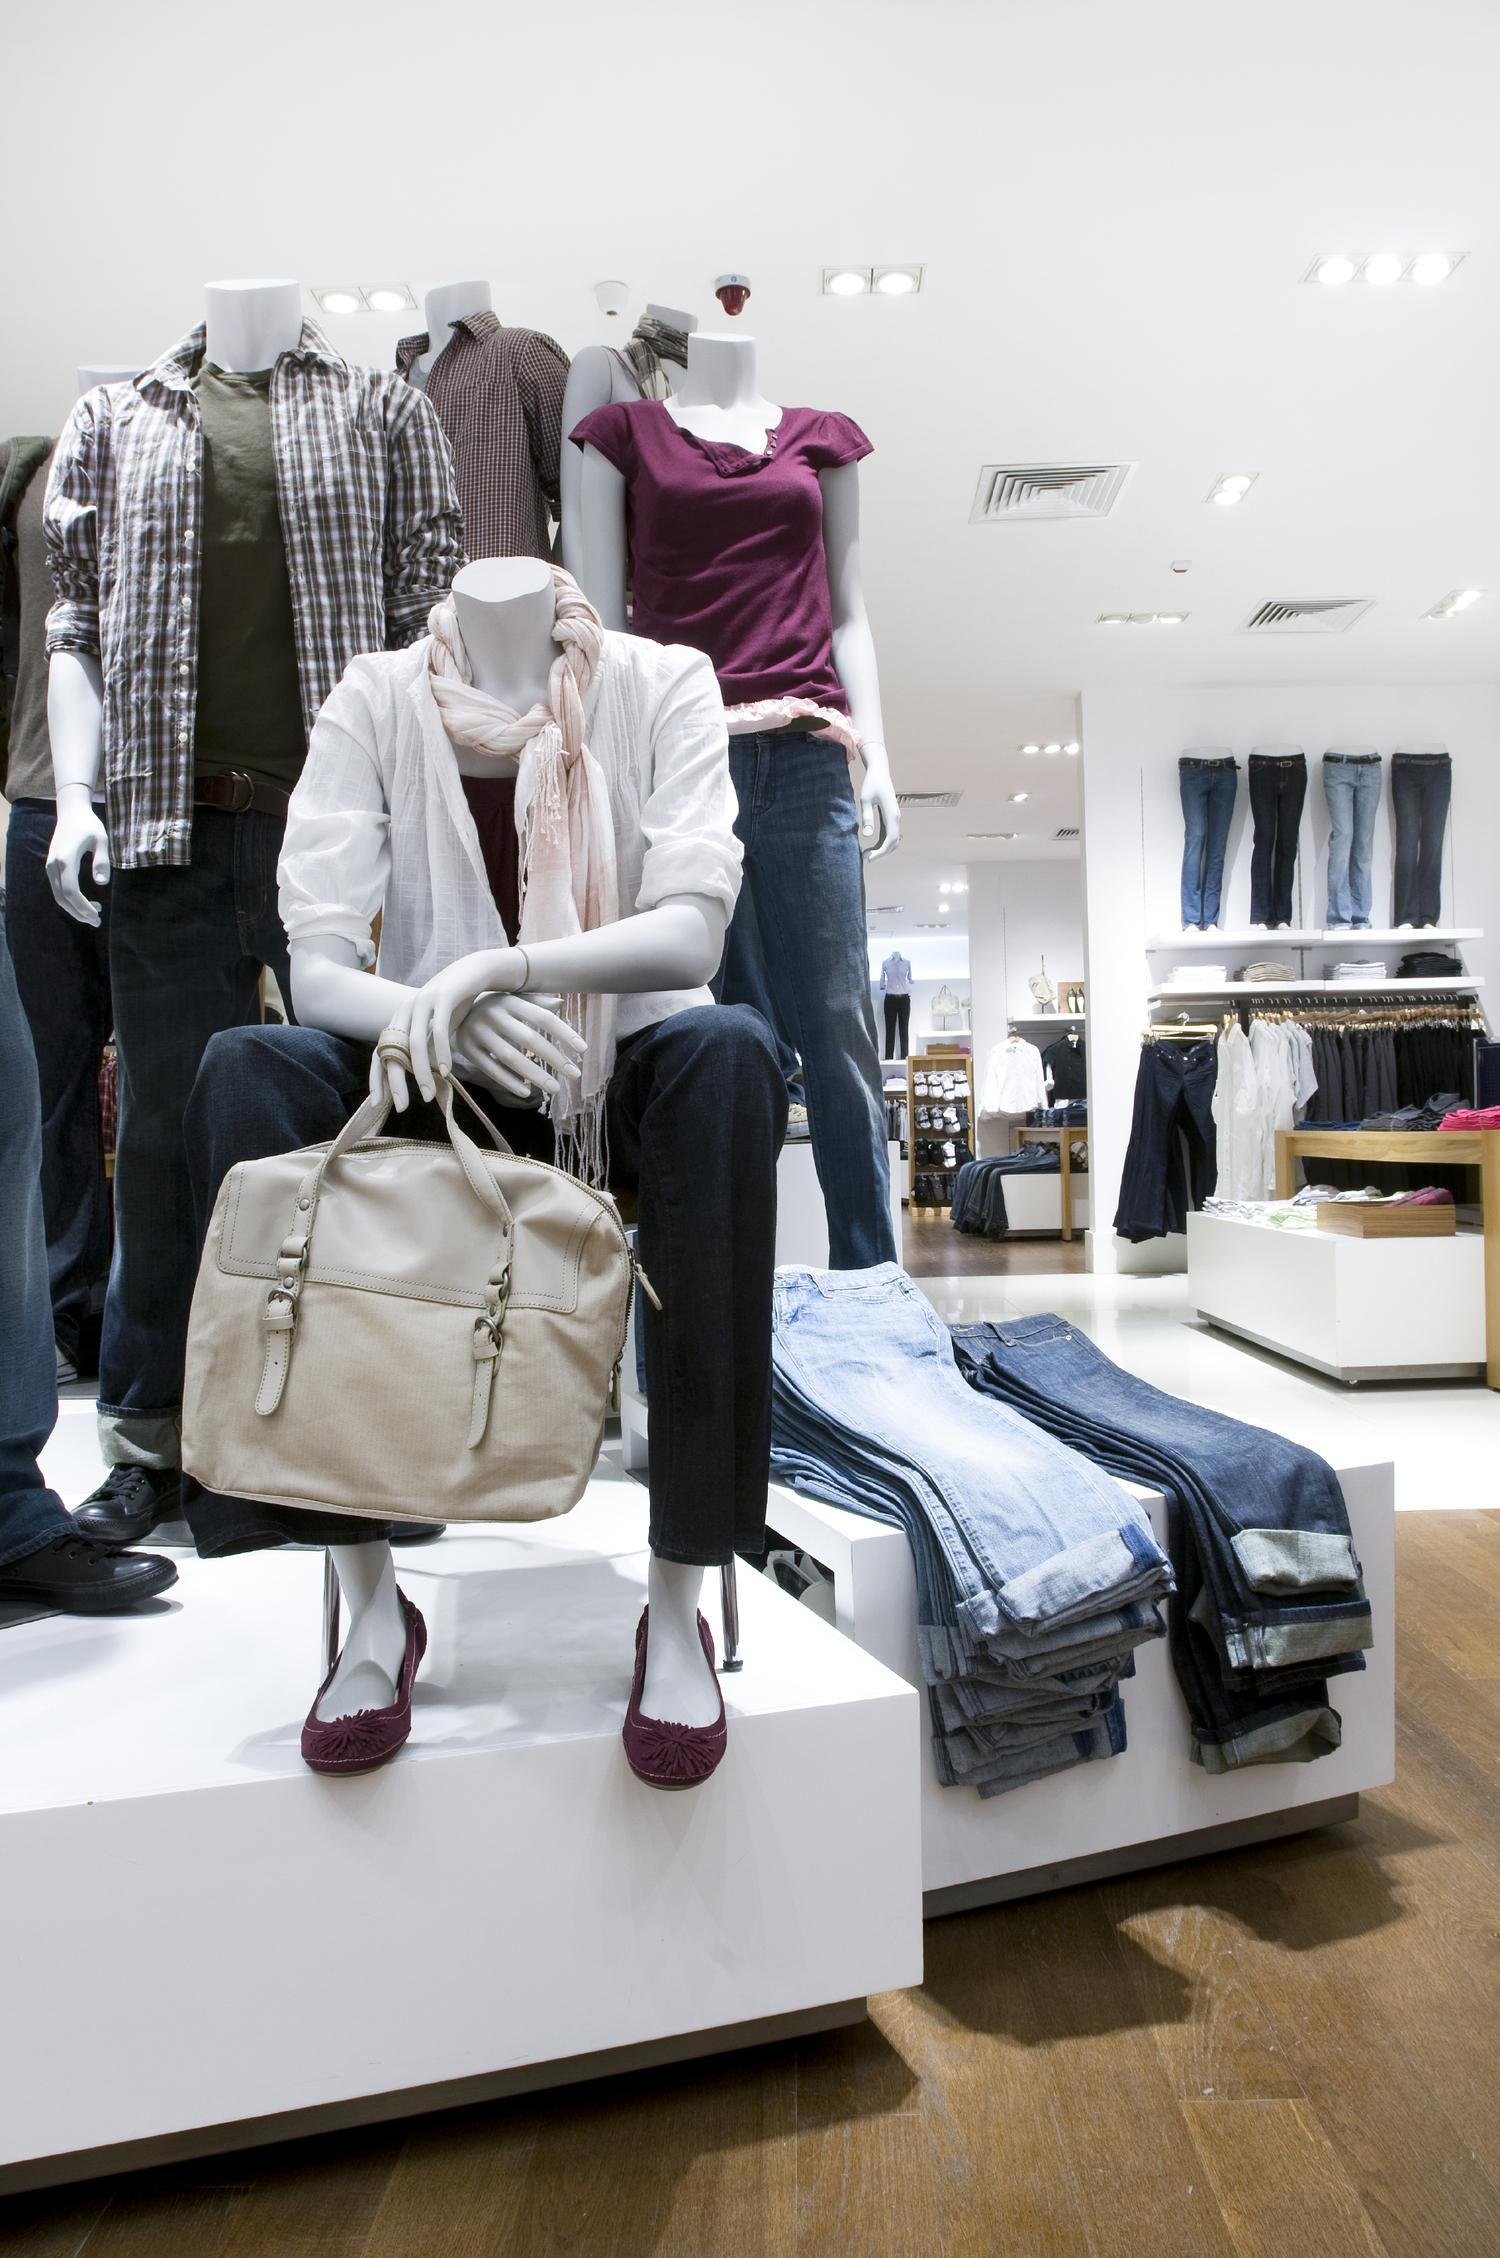 Fashion-Store.jpeg